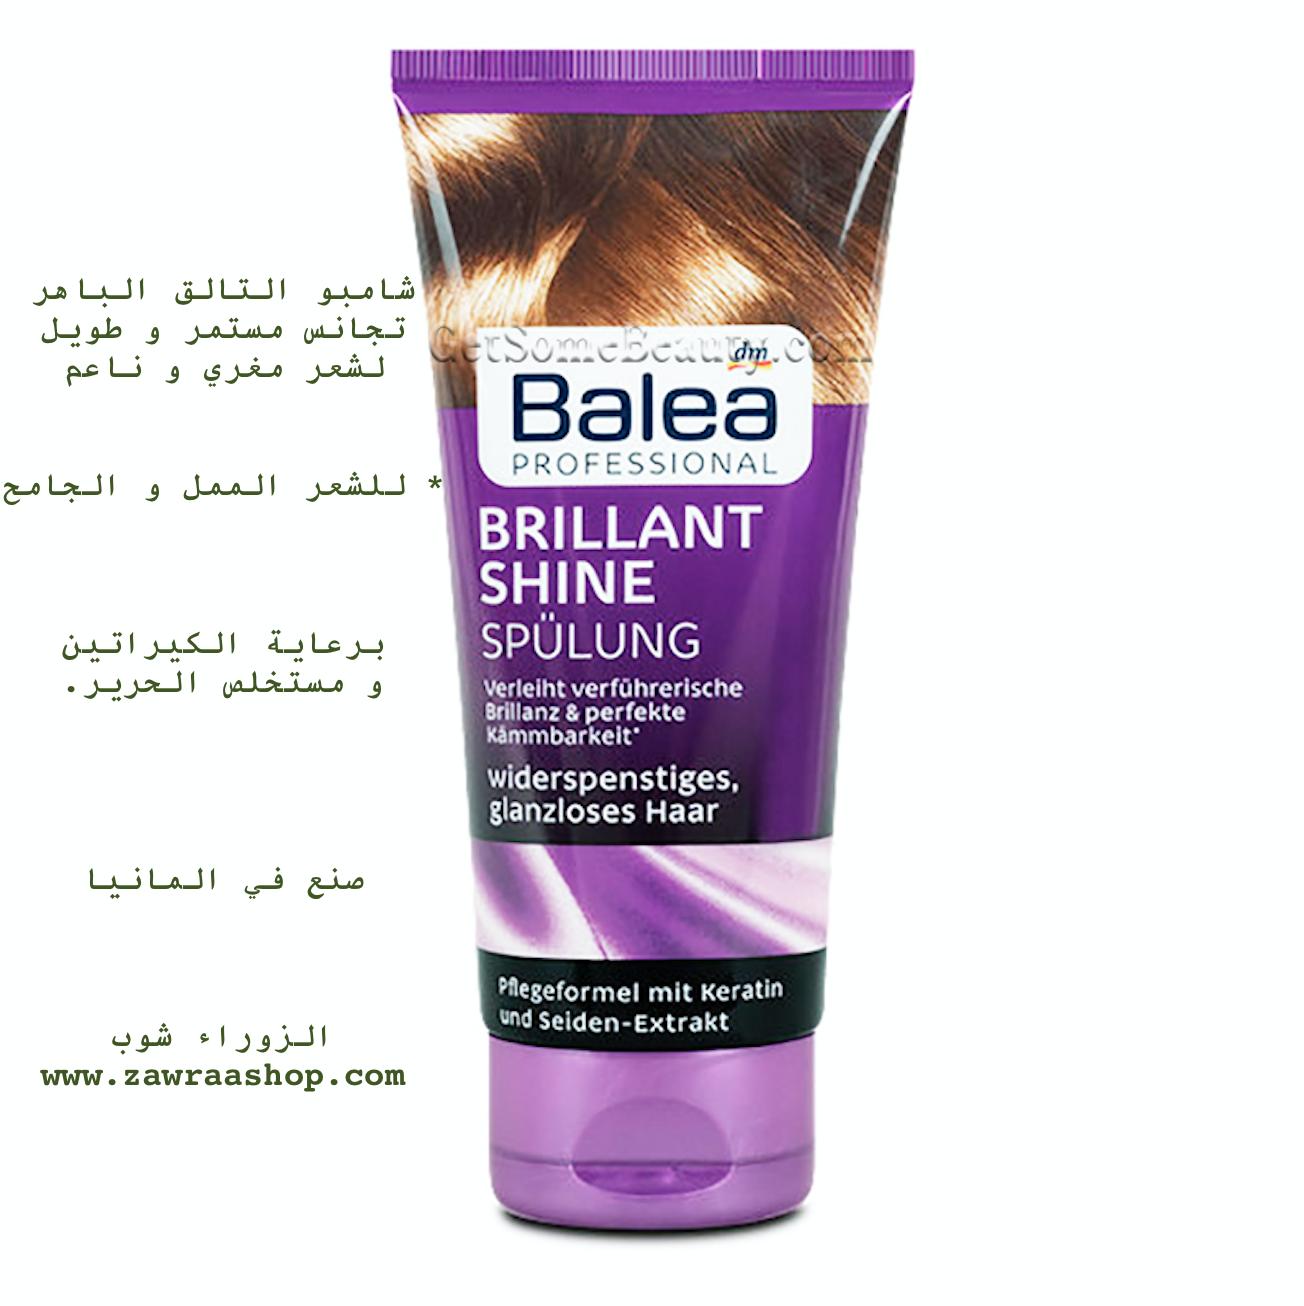 B410 brillant shine shampoo شامبو عصارة ٢٥٠ مل لشعر لماع و براق 00449